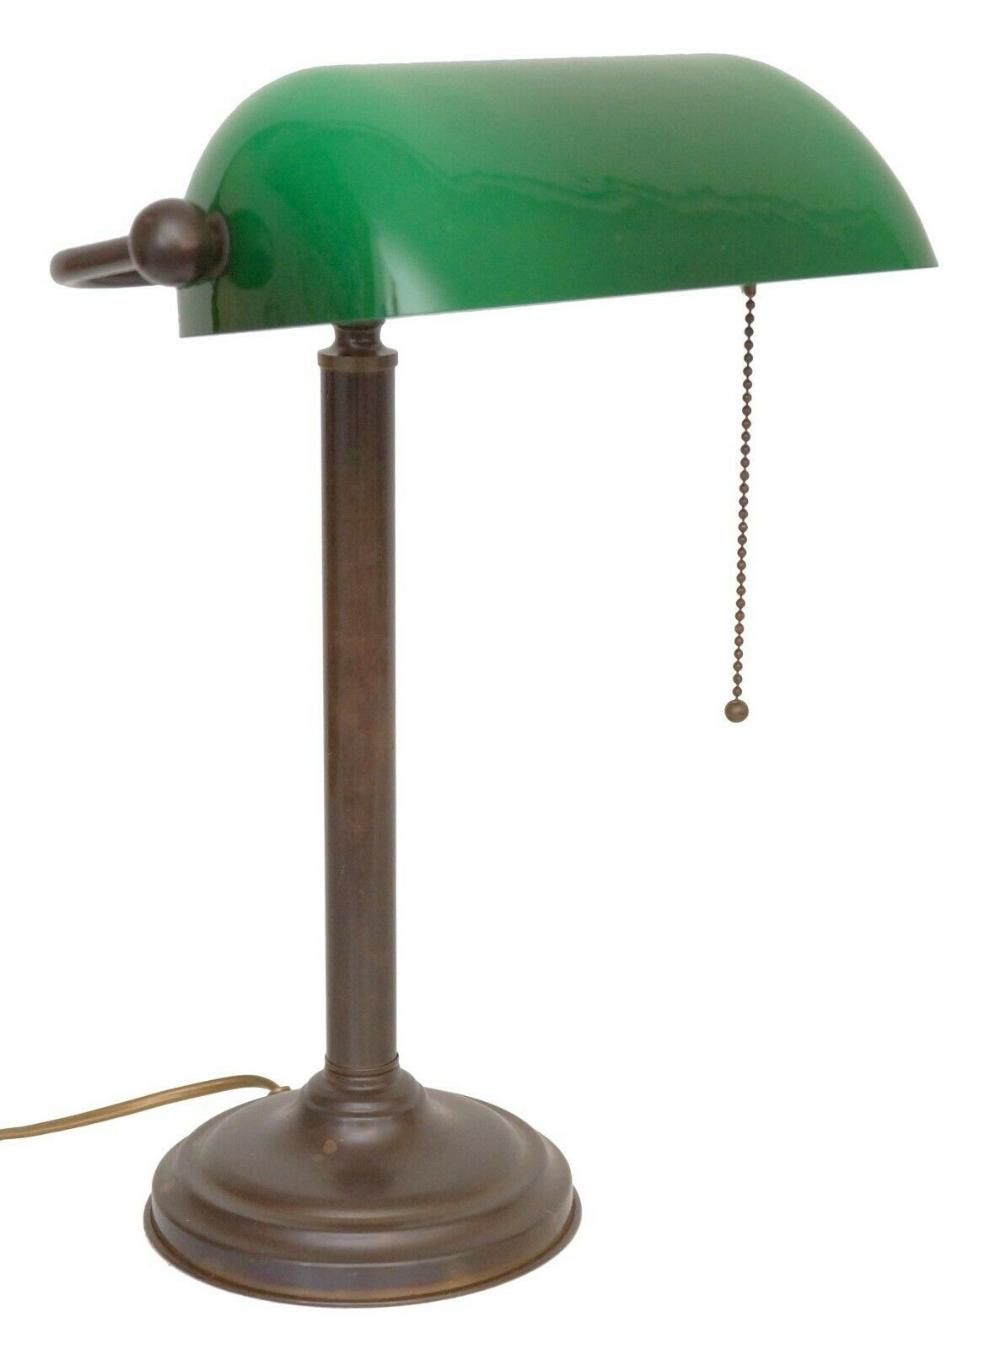 Pin Von Lightartshop Com Auf Lightartshop On Ebay Tischlampen Lampe Ebay